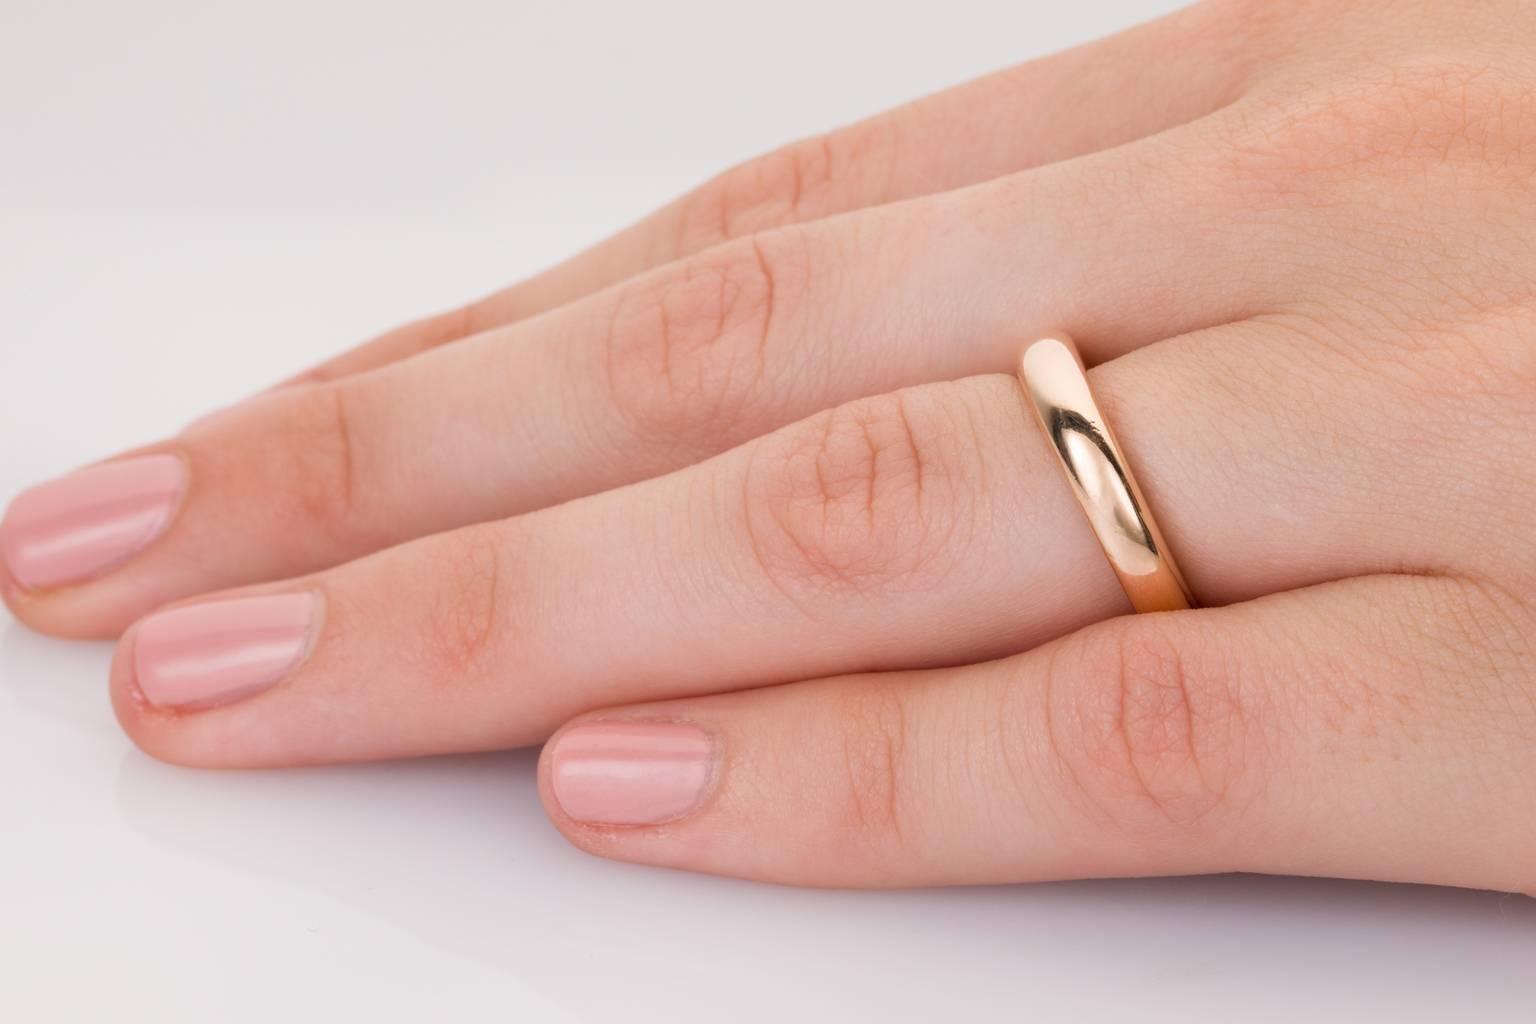 Cartier 18 Karat Rose Gold Band Ring at 1stdibs